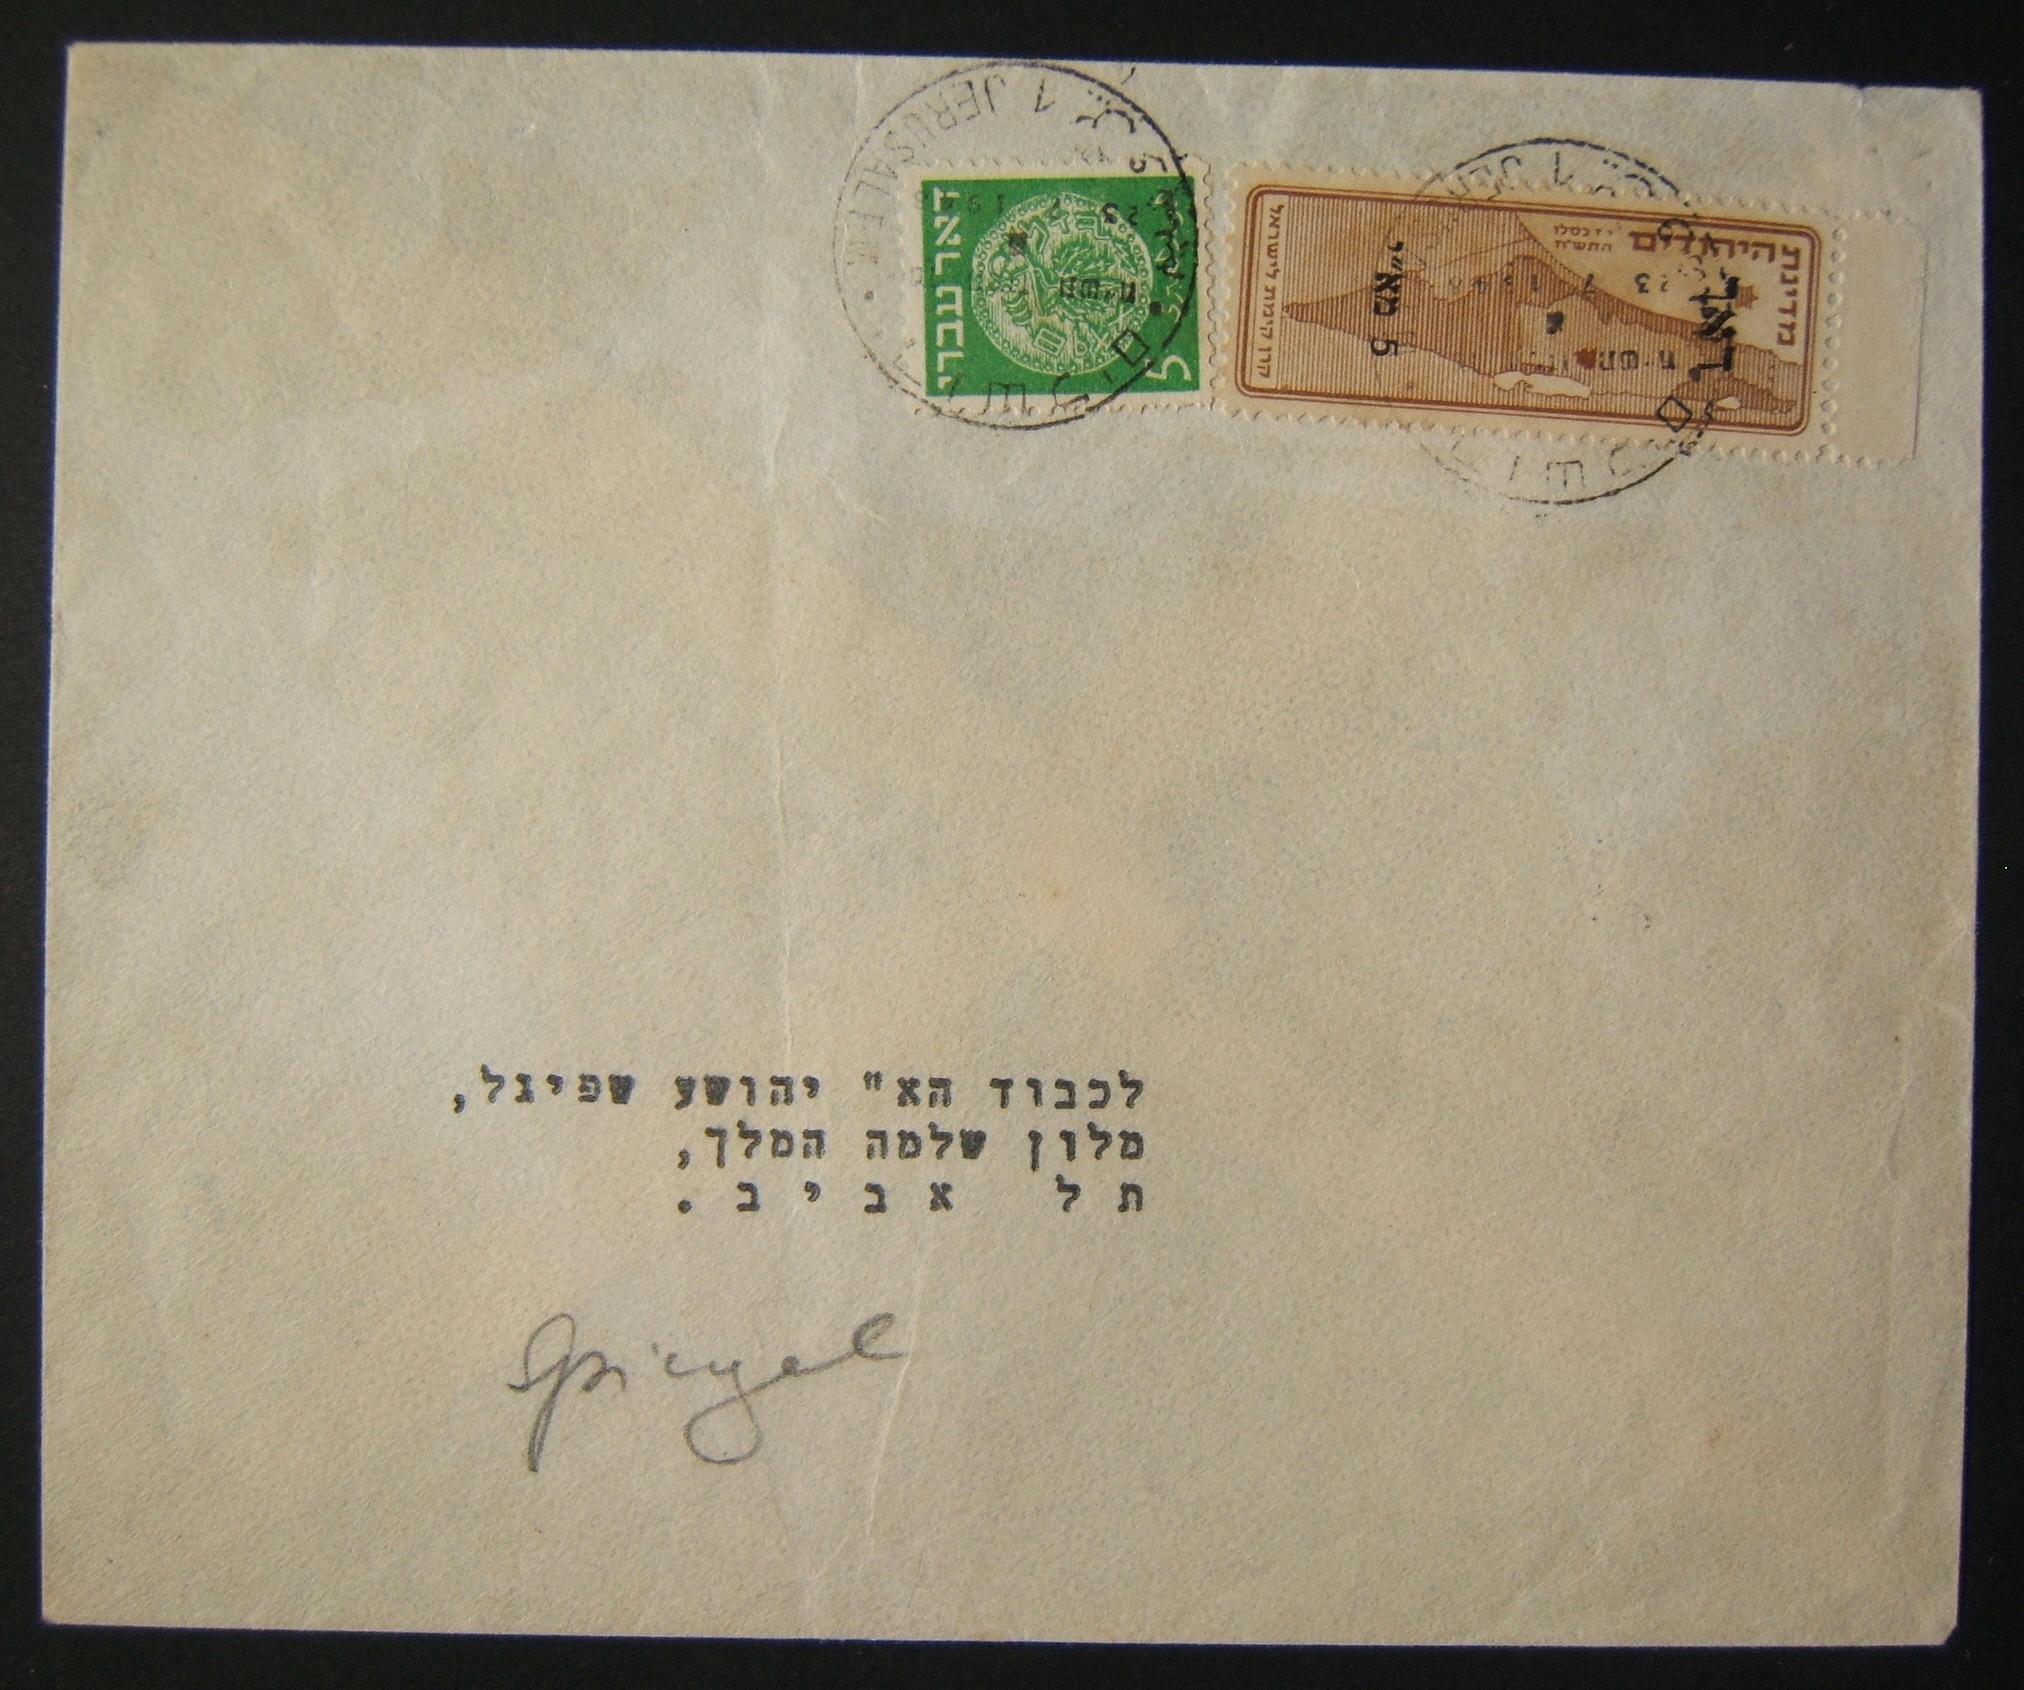 23-7-1948 القدس إلى تل أبيب بالبريد المختلط مؤقتا ودوار إيفري فرانكدينج